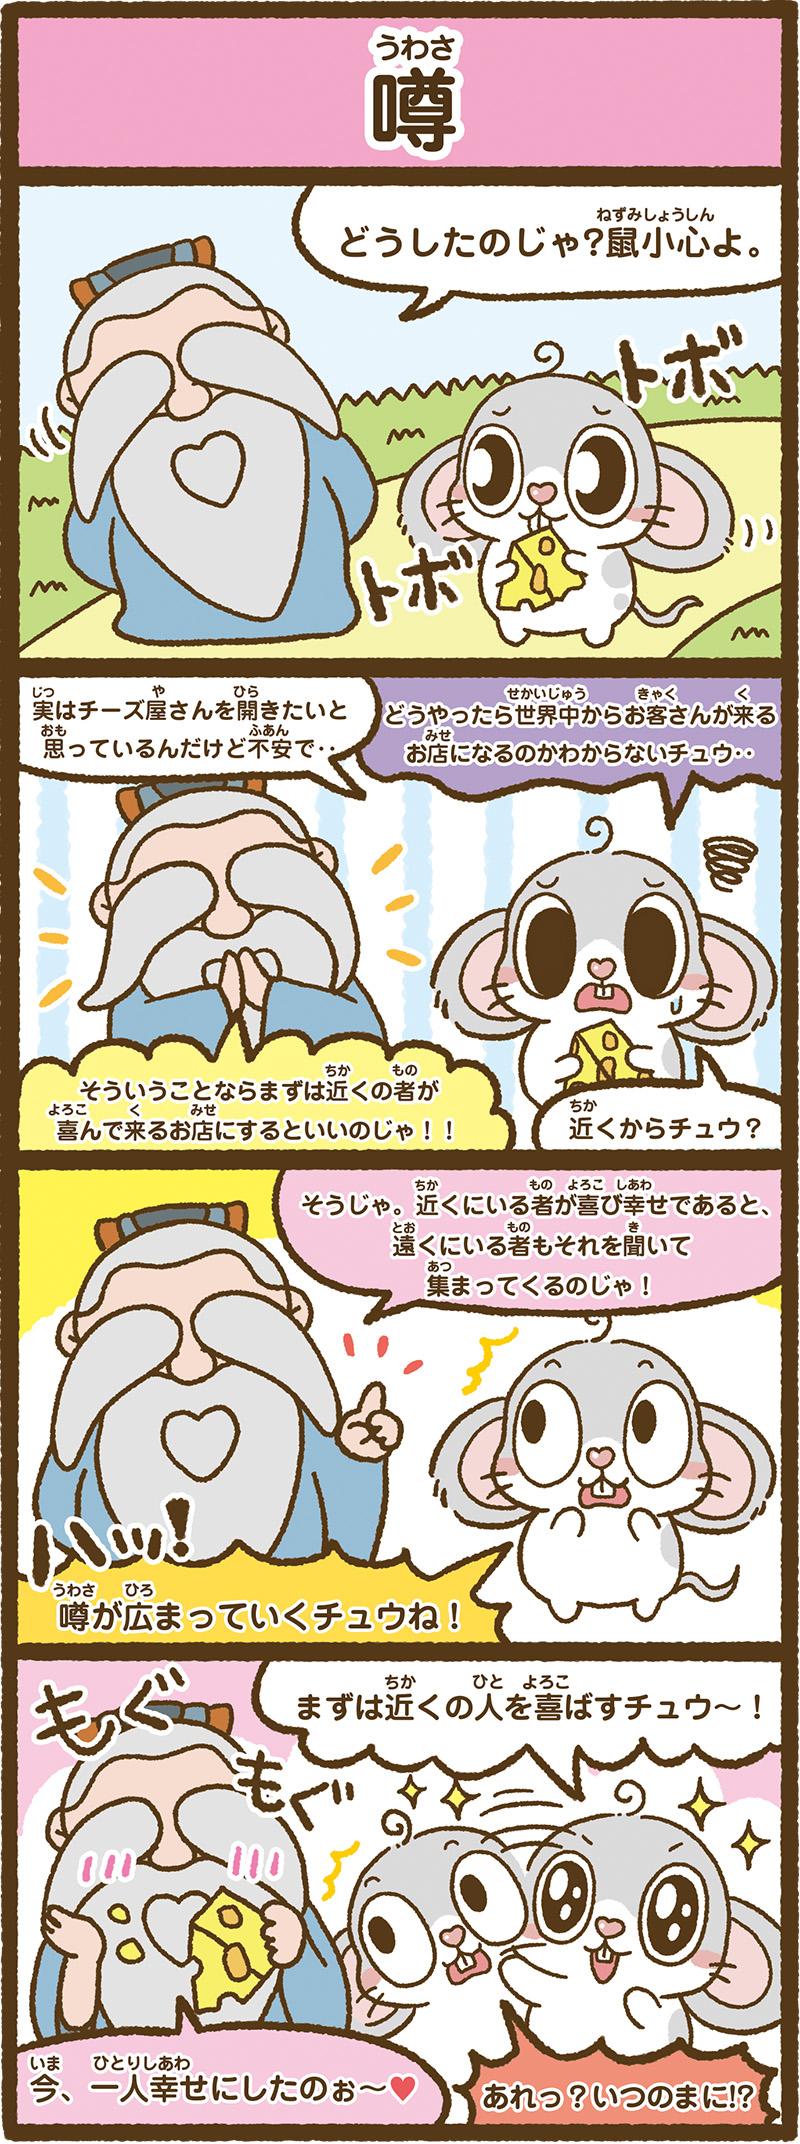 中国の人気ゆるキャラ『孔子爺や』の4コマ漫画第11弾~第12弾[画像1]